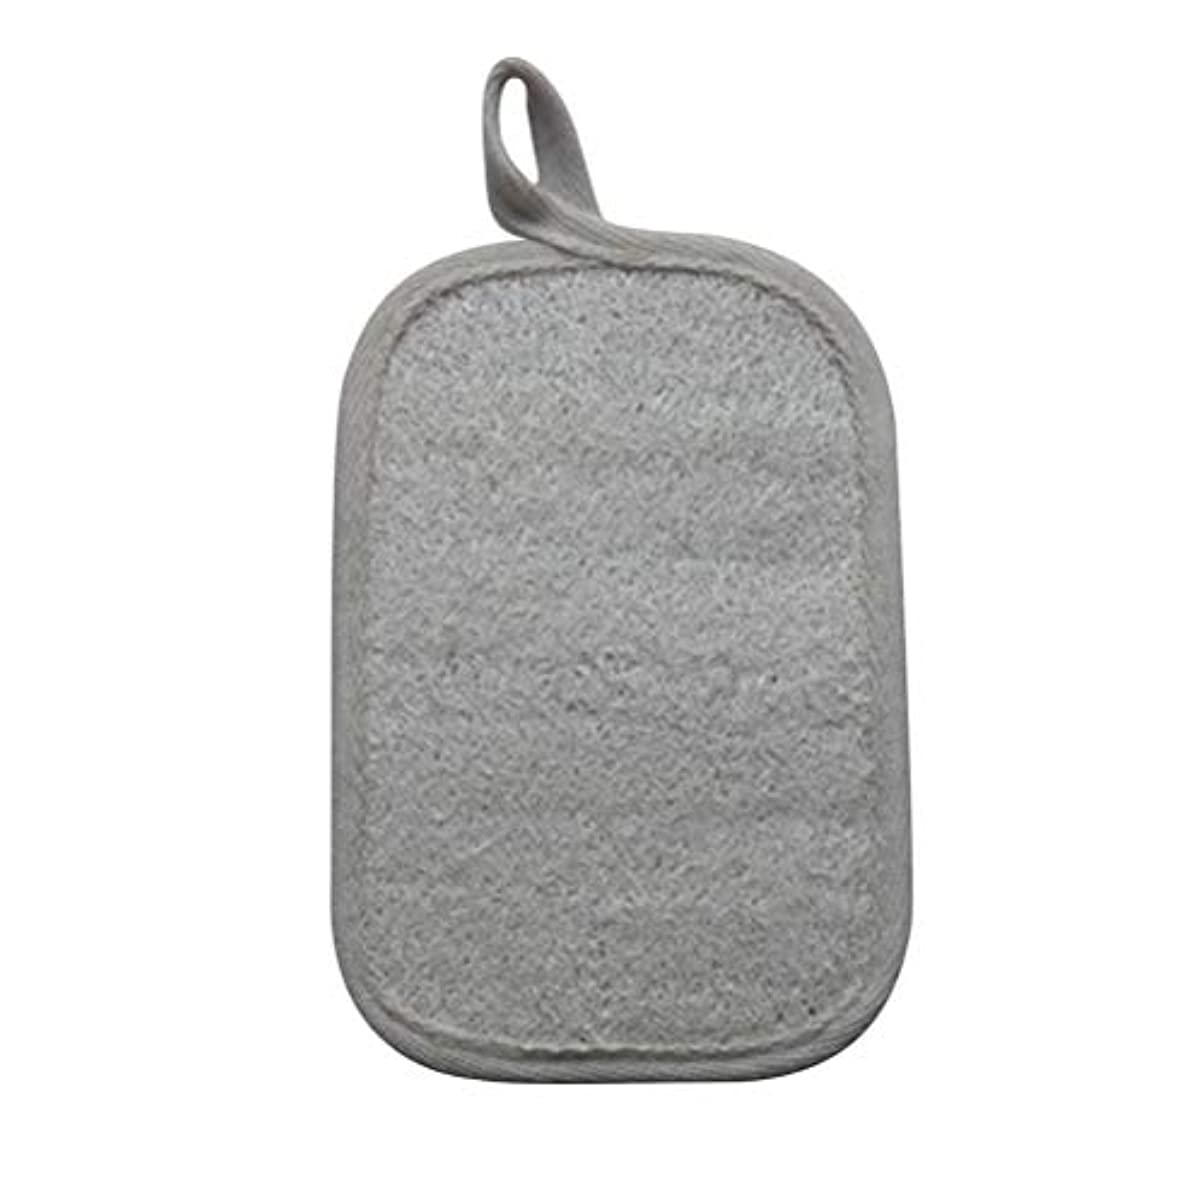 勇気のある酸っぱい財布Healifty バスグローブシャワー剥離スクラバー